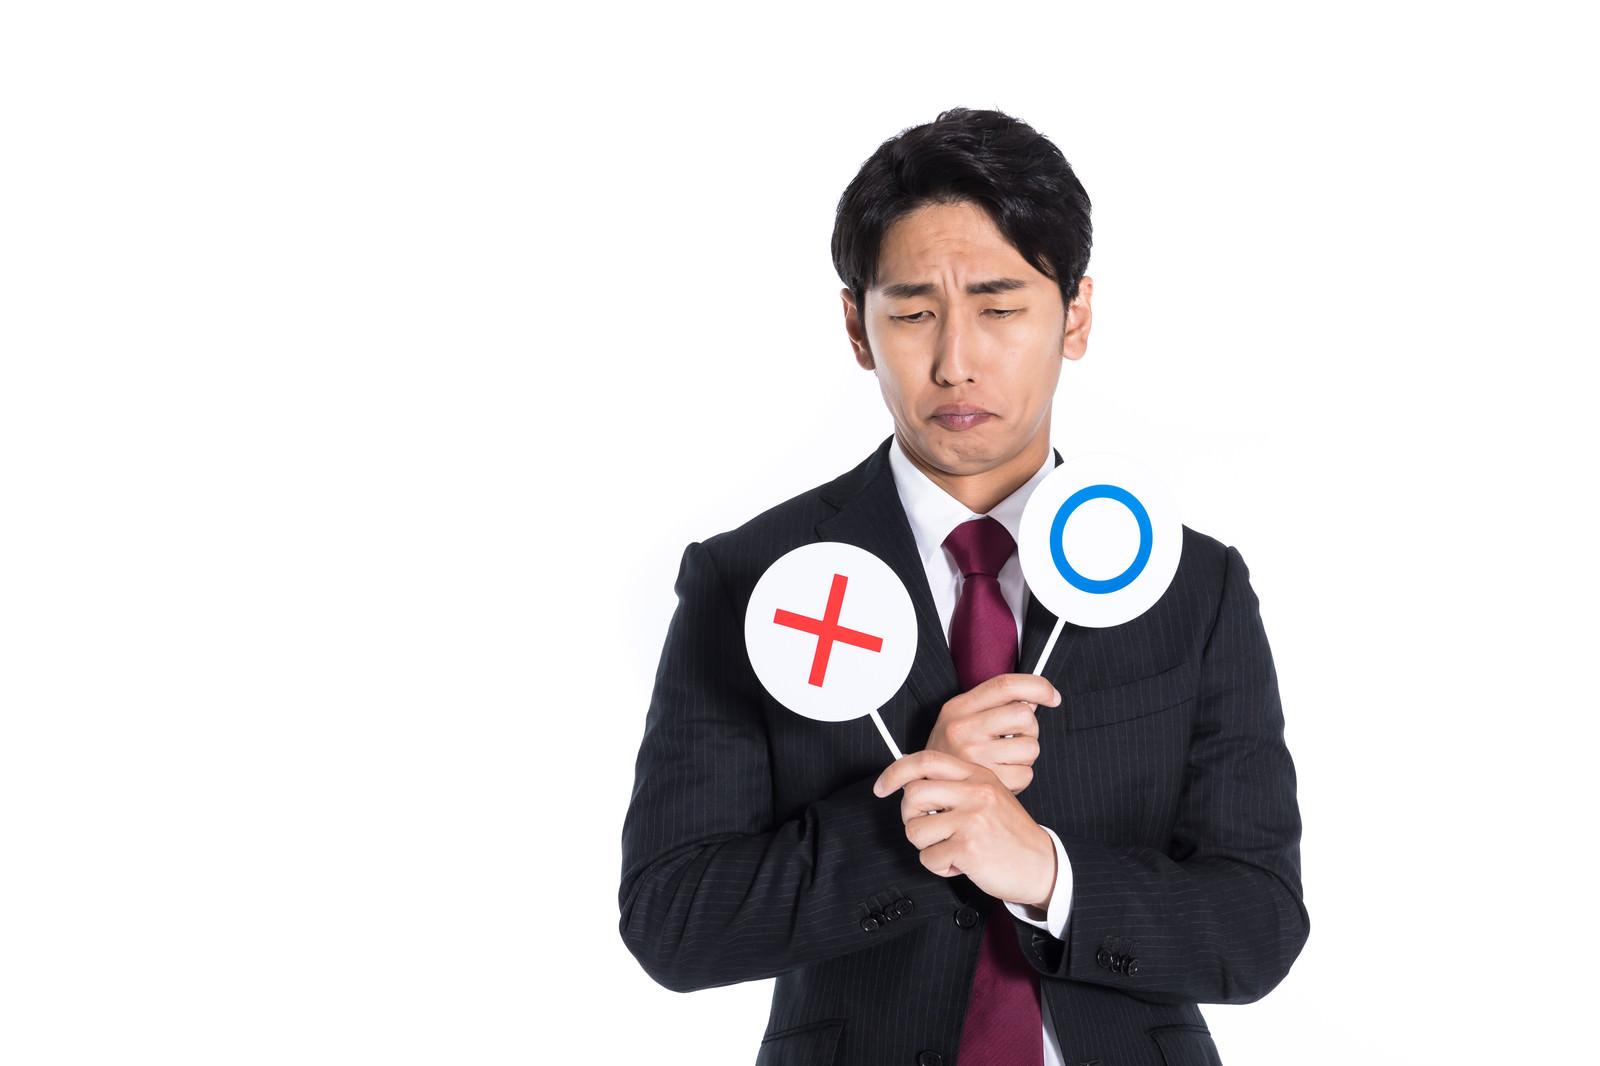 「クイズの正解が分からず諦めモードの男性」の写真[モデル:大川竜弥]